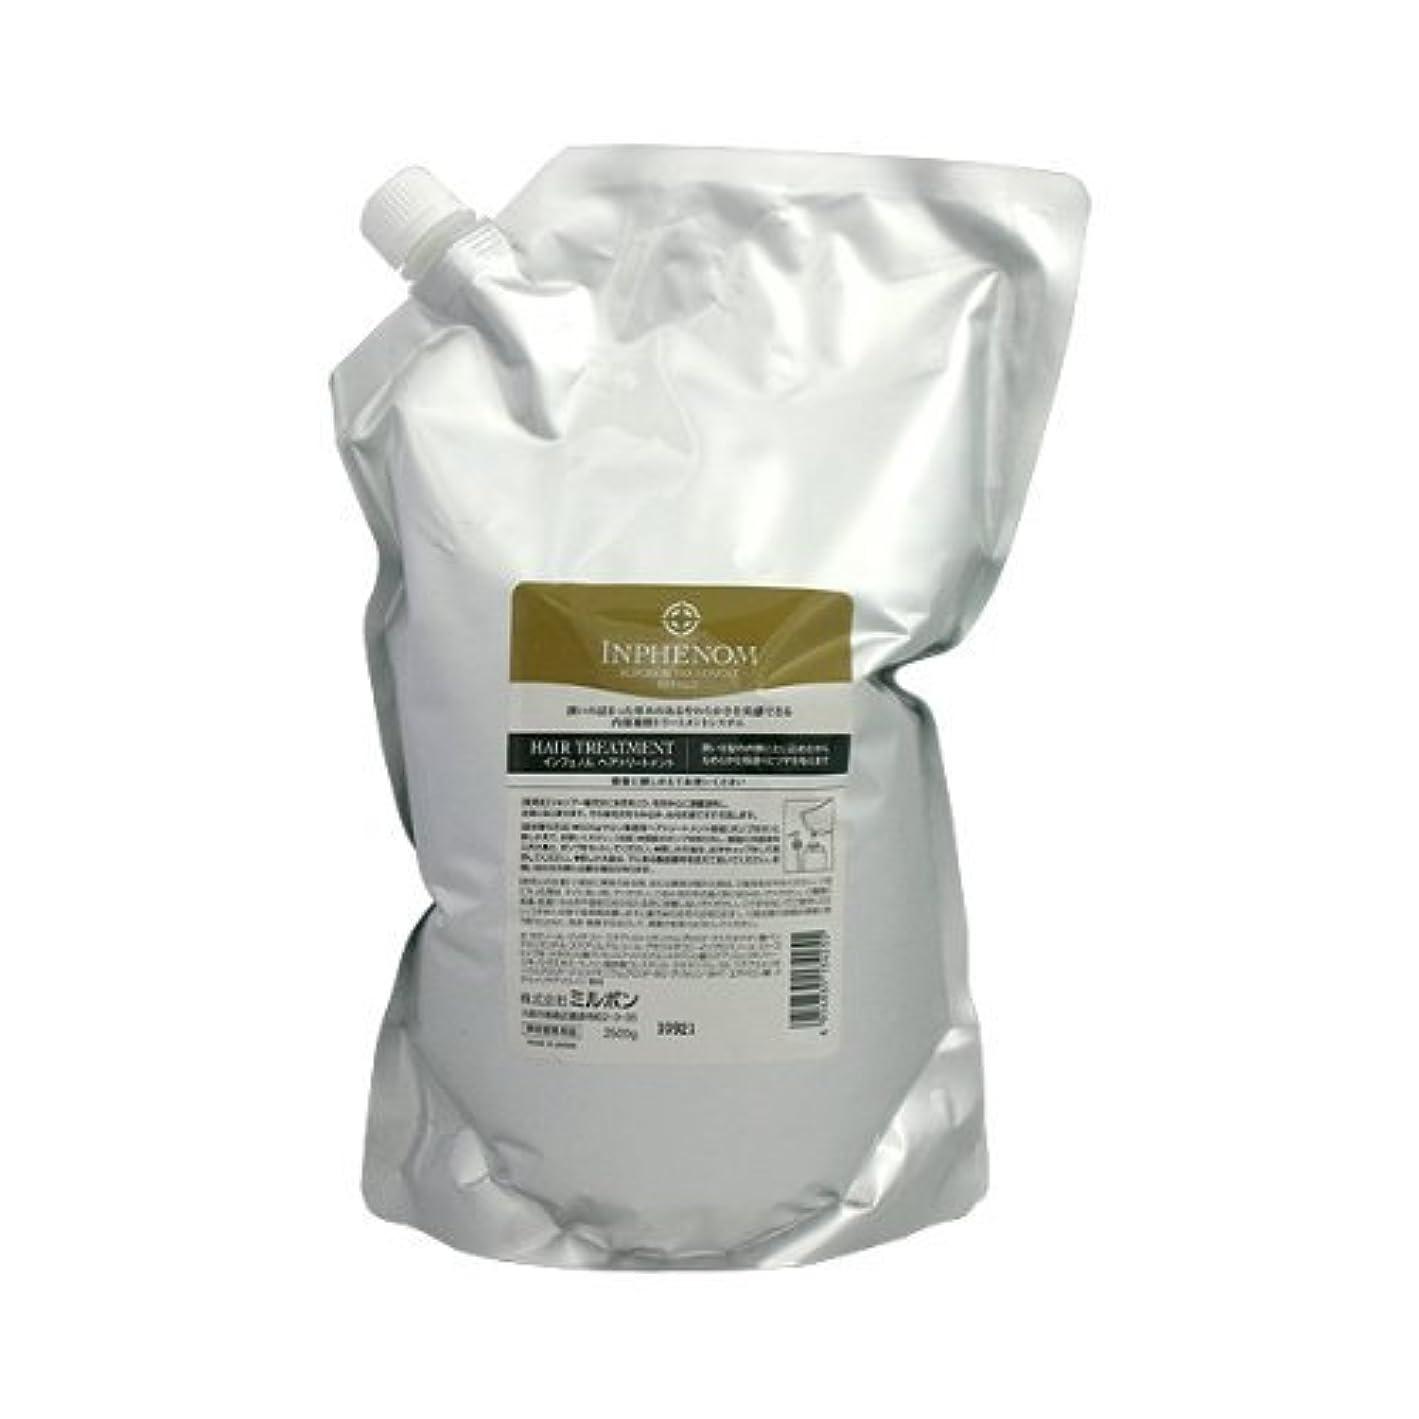 咲く排泄物私達ミルボン インフェノム トリートメント レフィル2500g